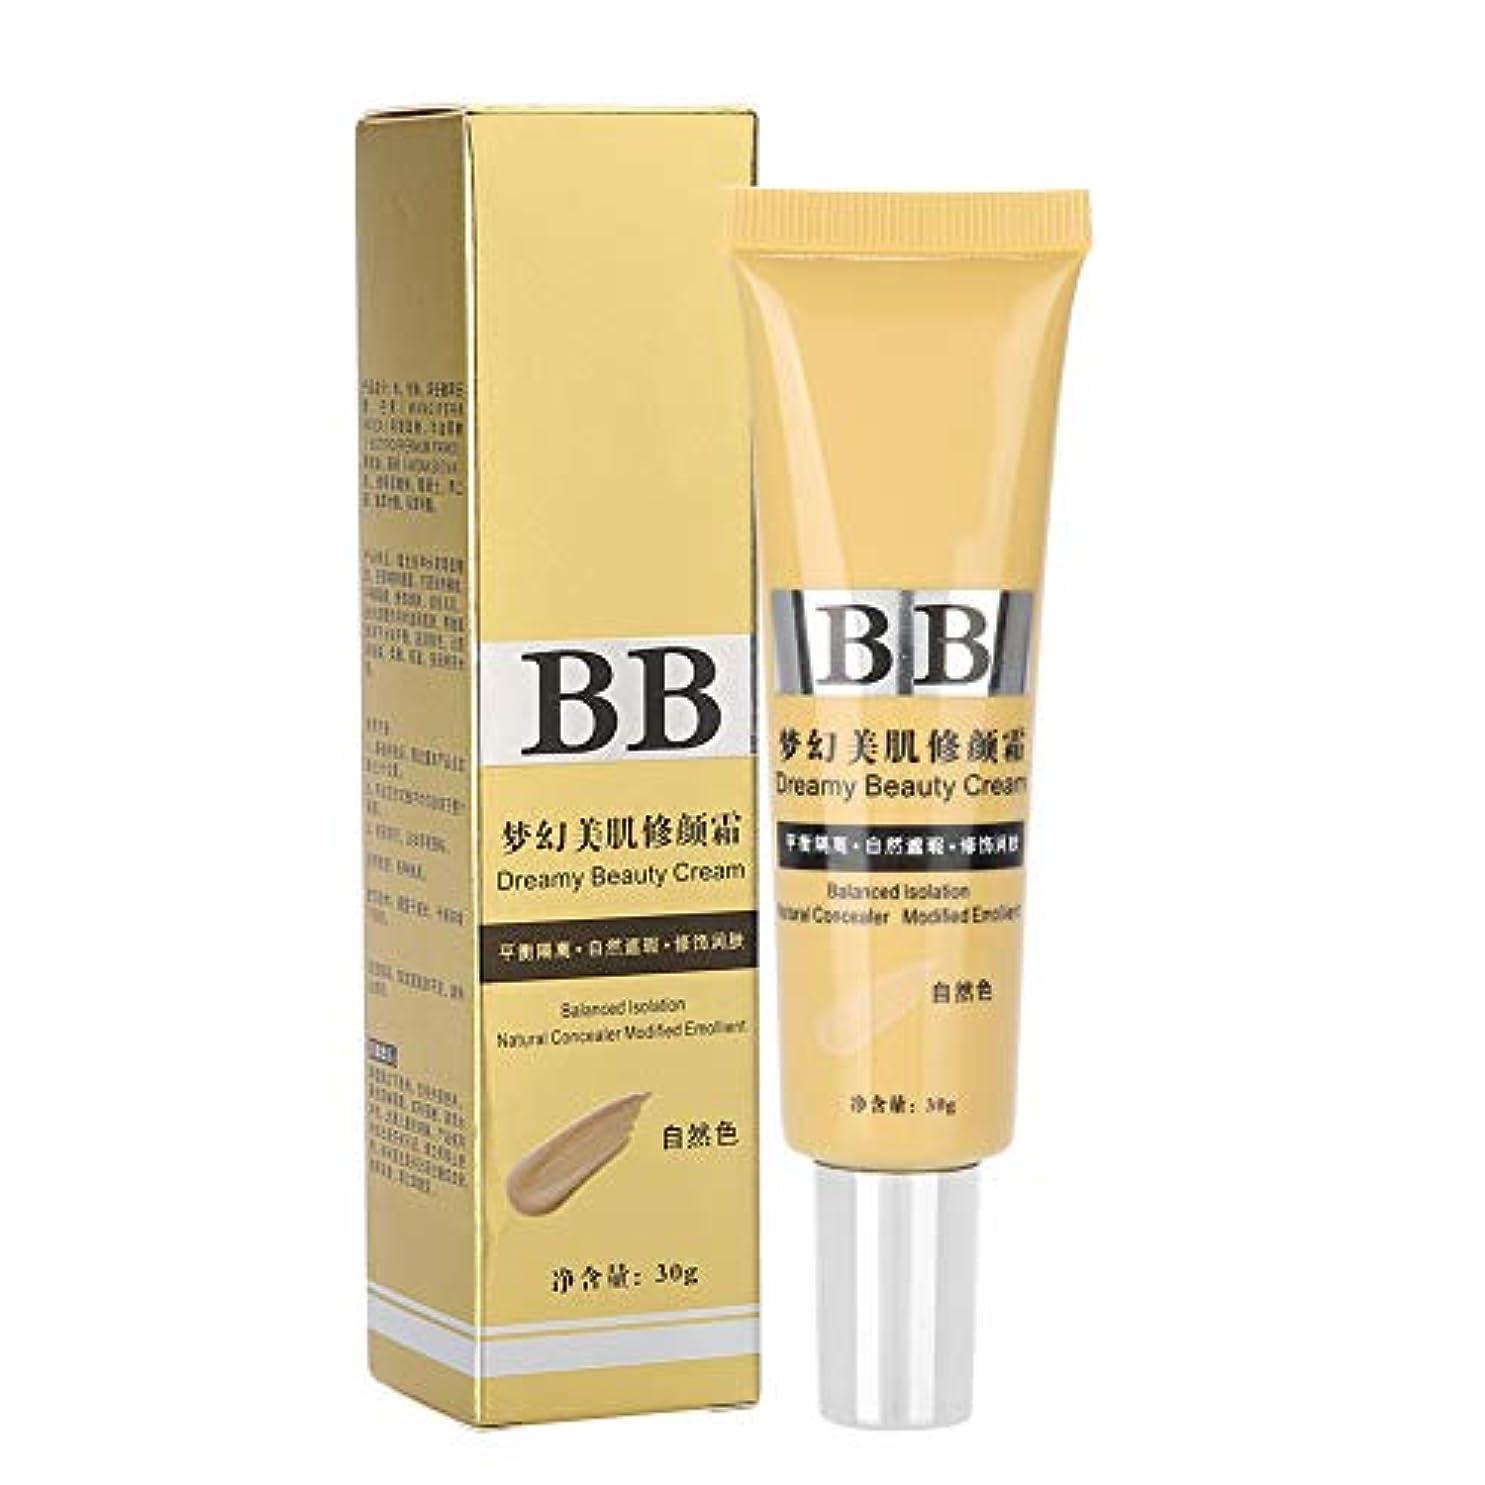 摂動不十分エレガントBBパーフェクトクリーム ワイトニング コンシーラーホ 肌ケアBBクリーム 多機能 ファンデーション